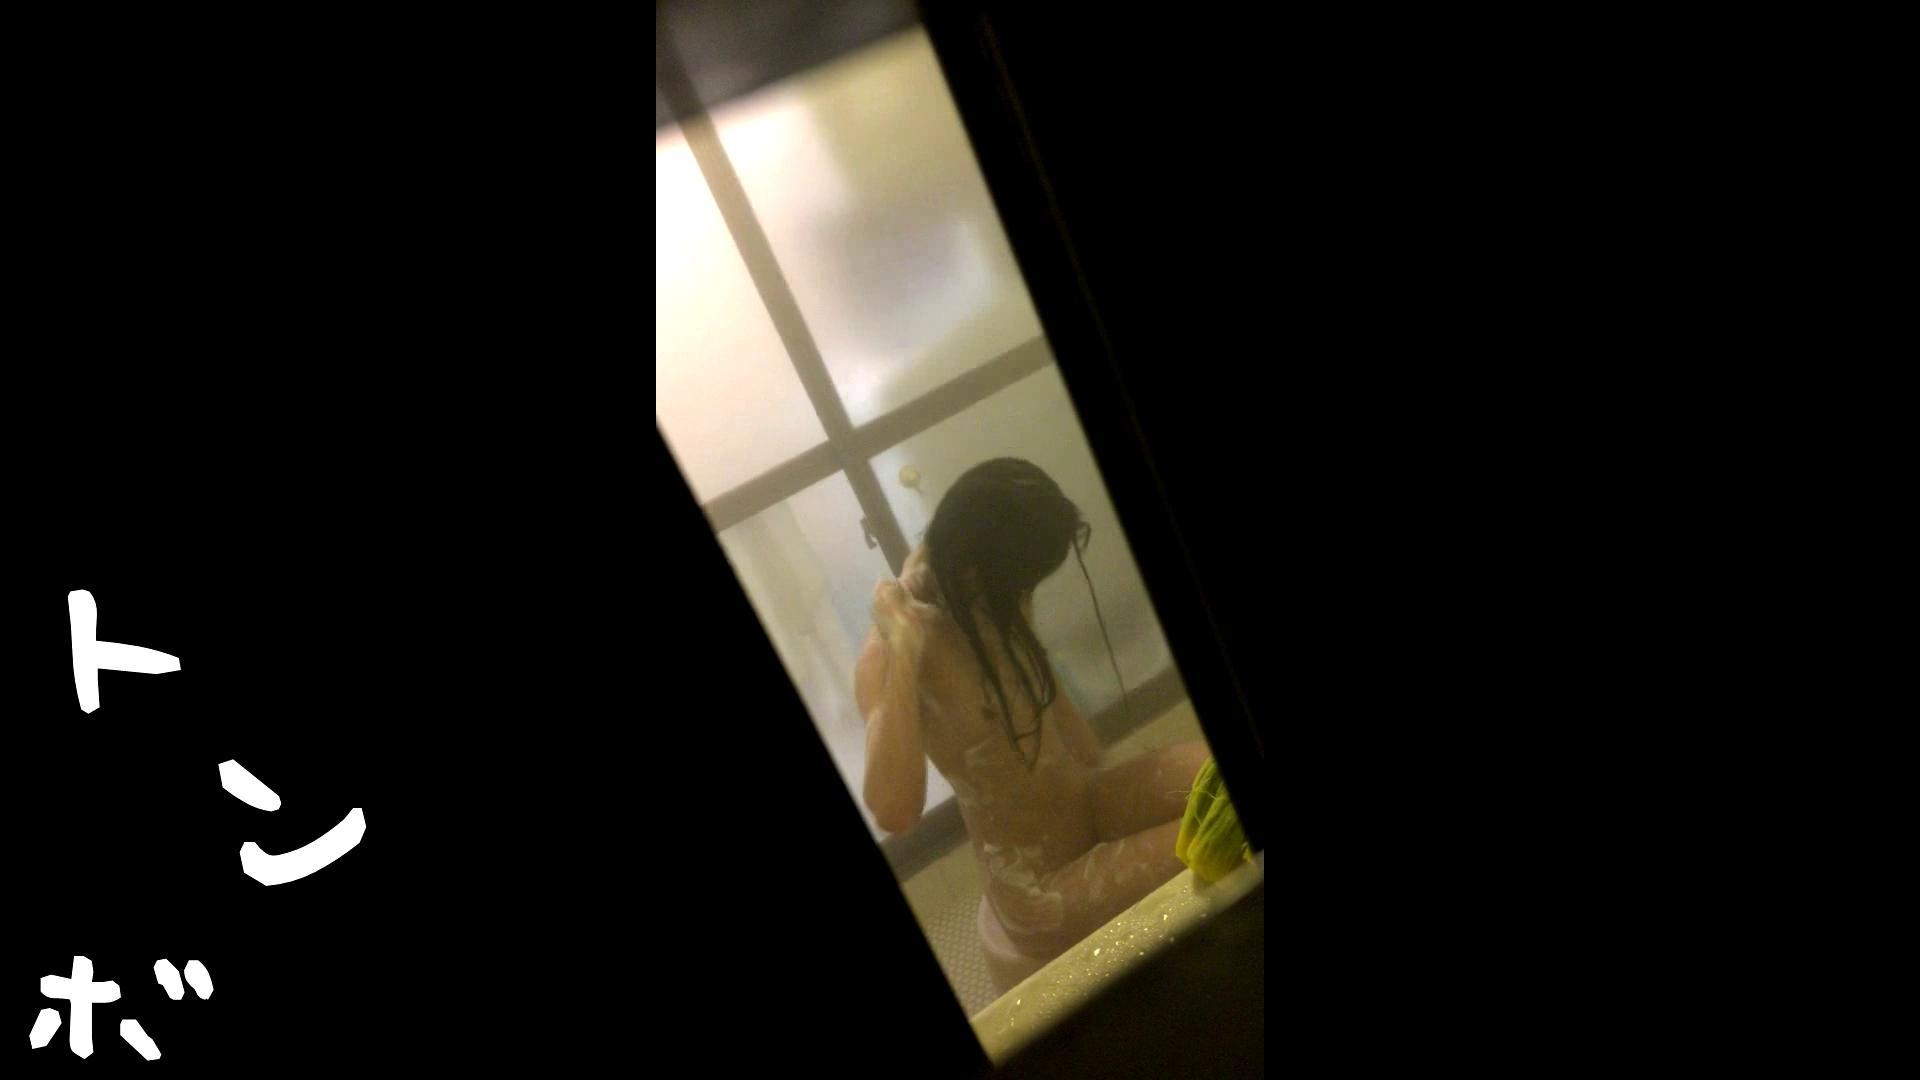 リアル盗撮 中島美嘉現似!美人女子大生のお風呂 美女 セックス画像 93画像 21